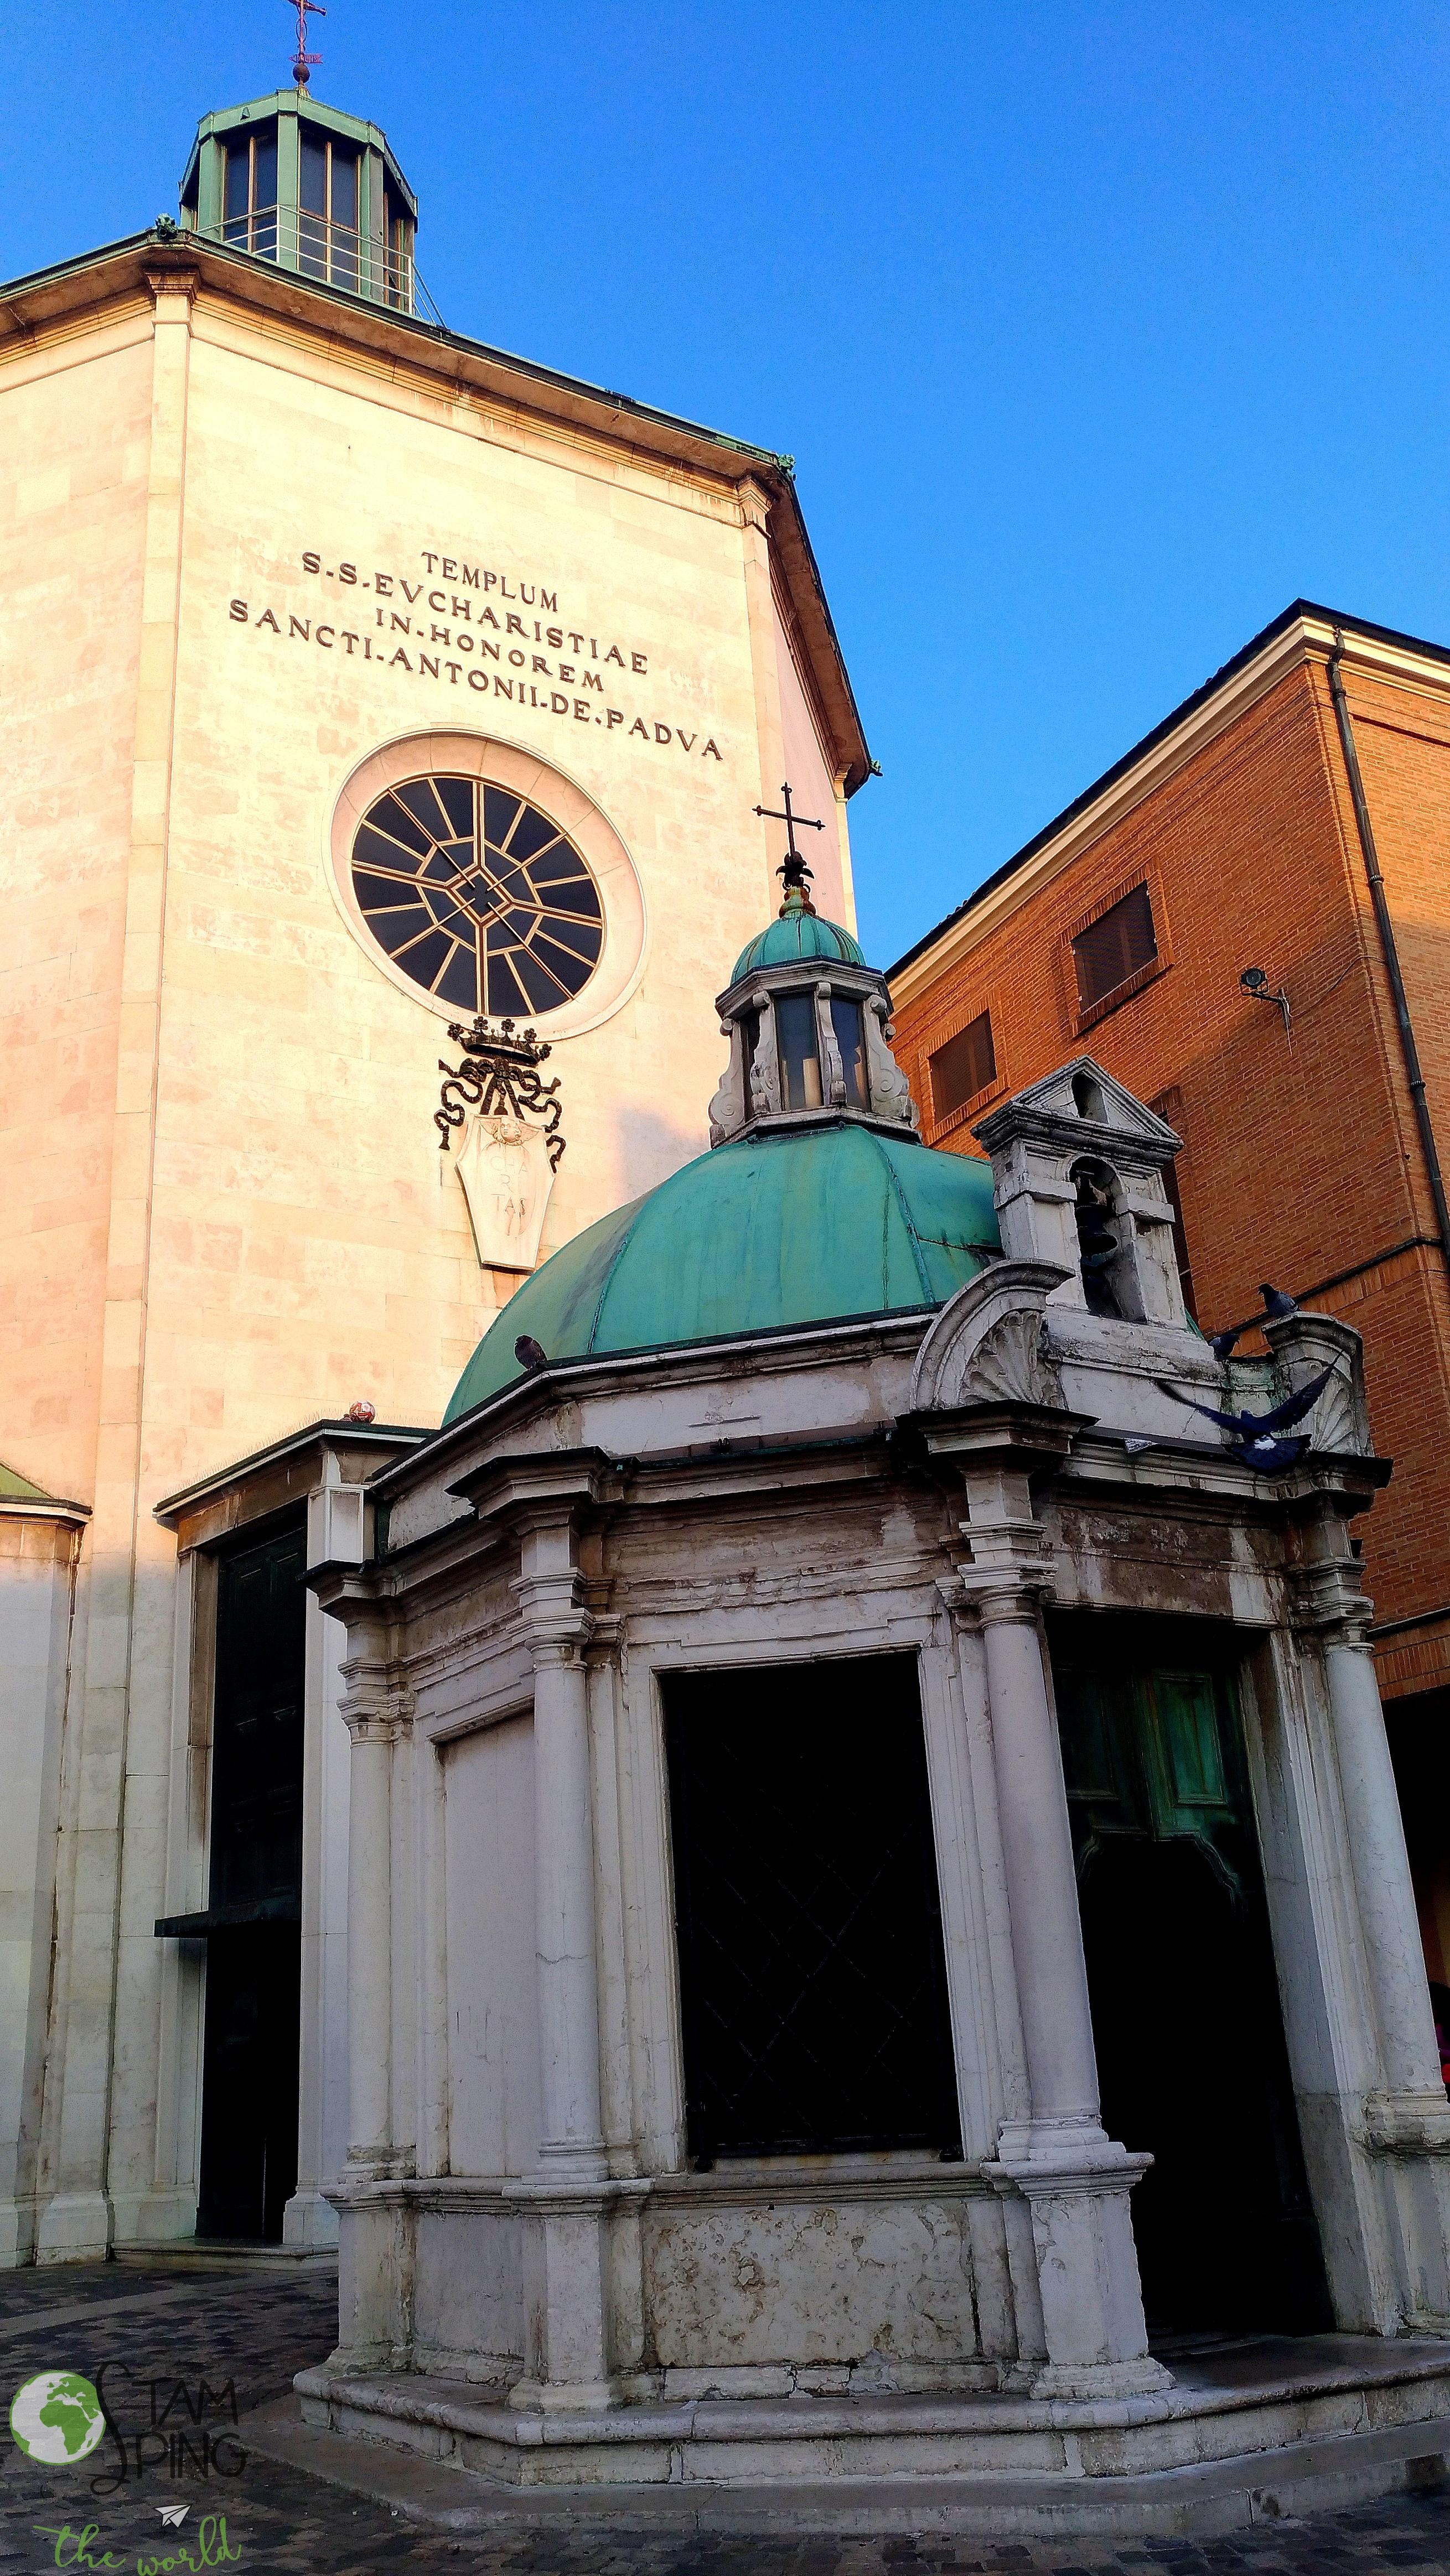 Tempietto di Sant'Antonio - Cosa vedere a Rimini